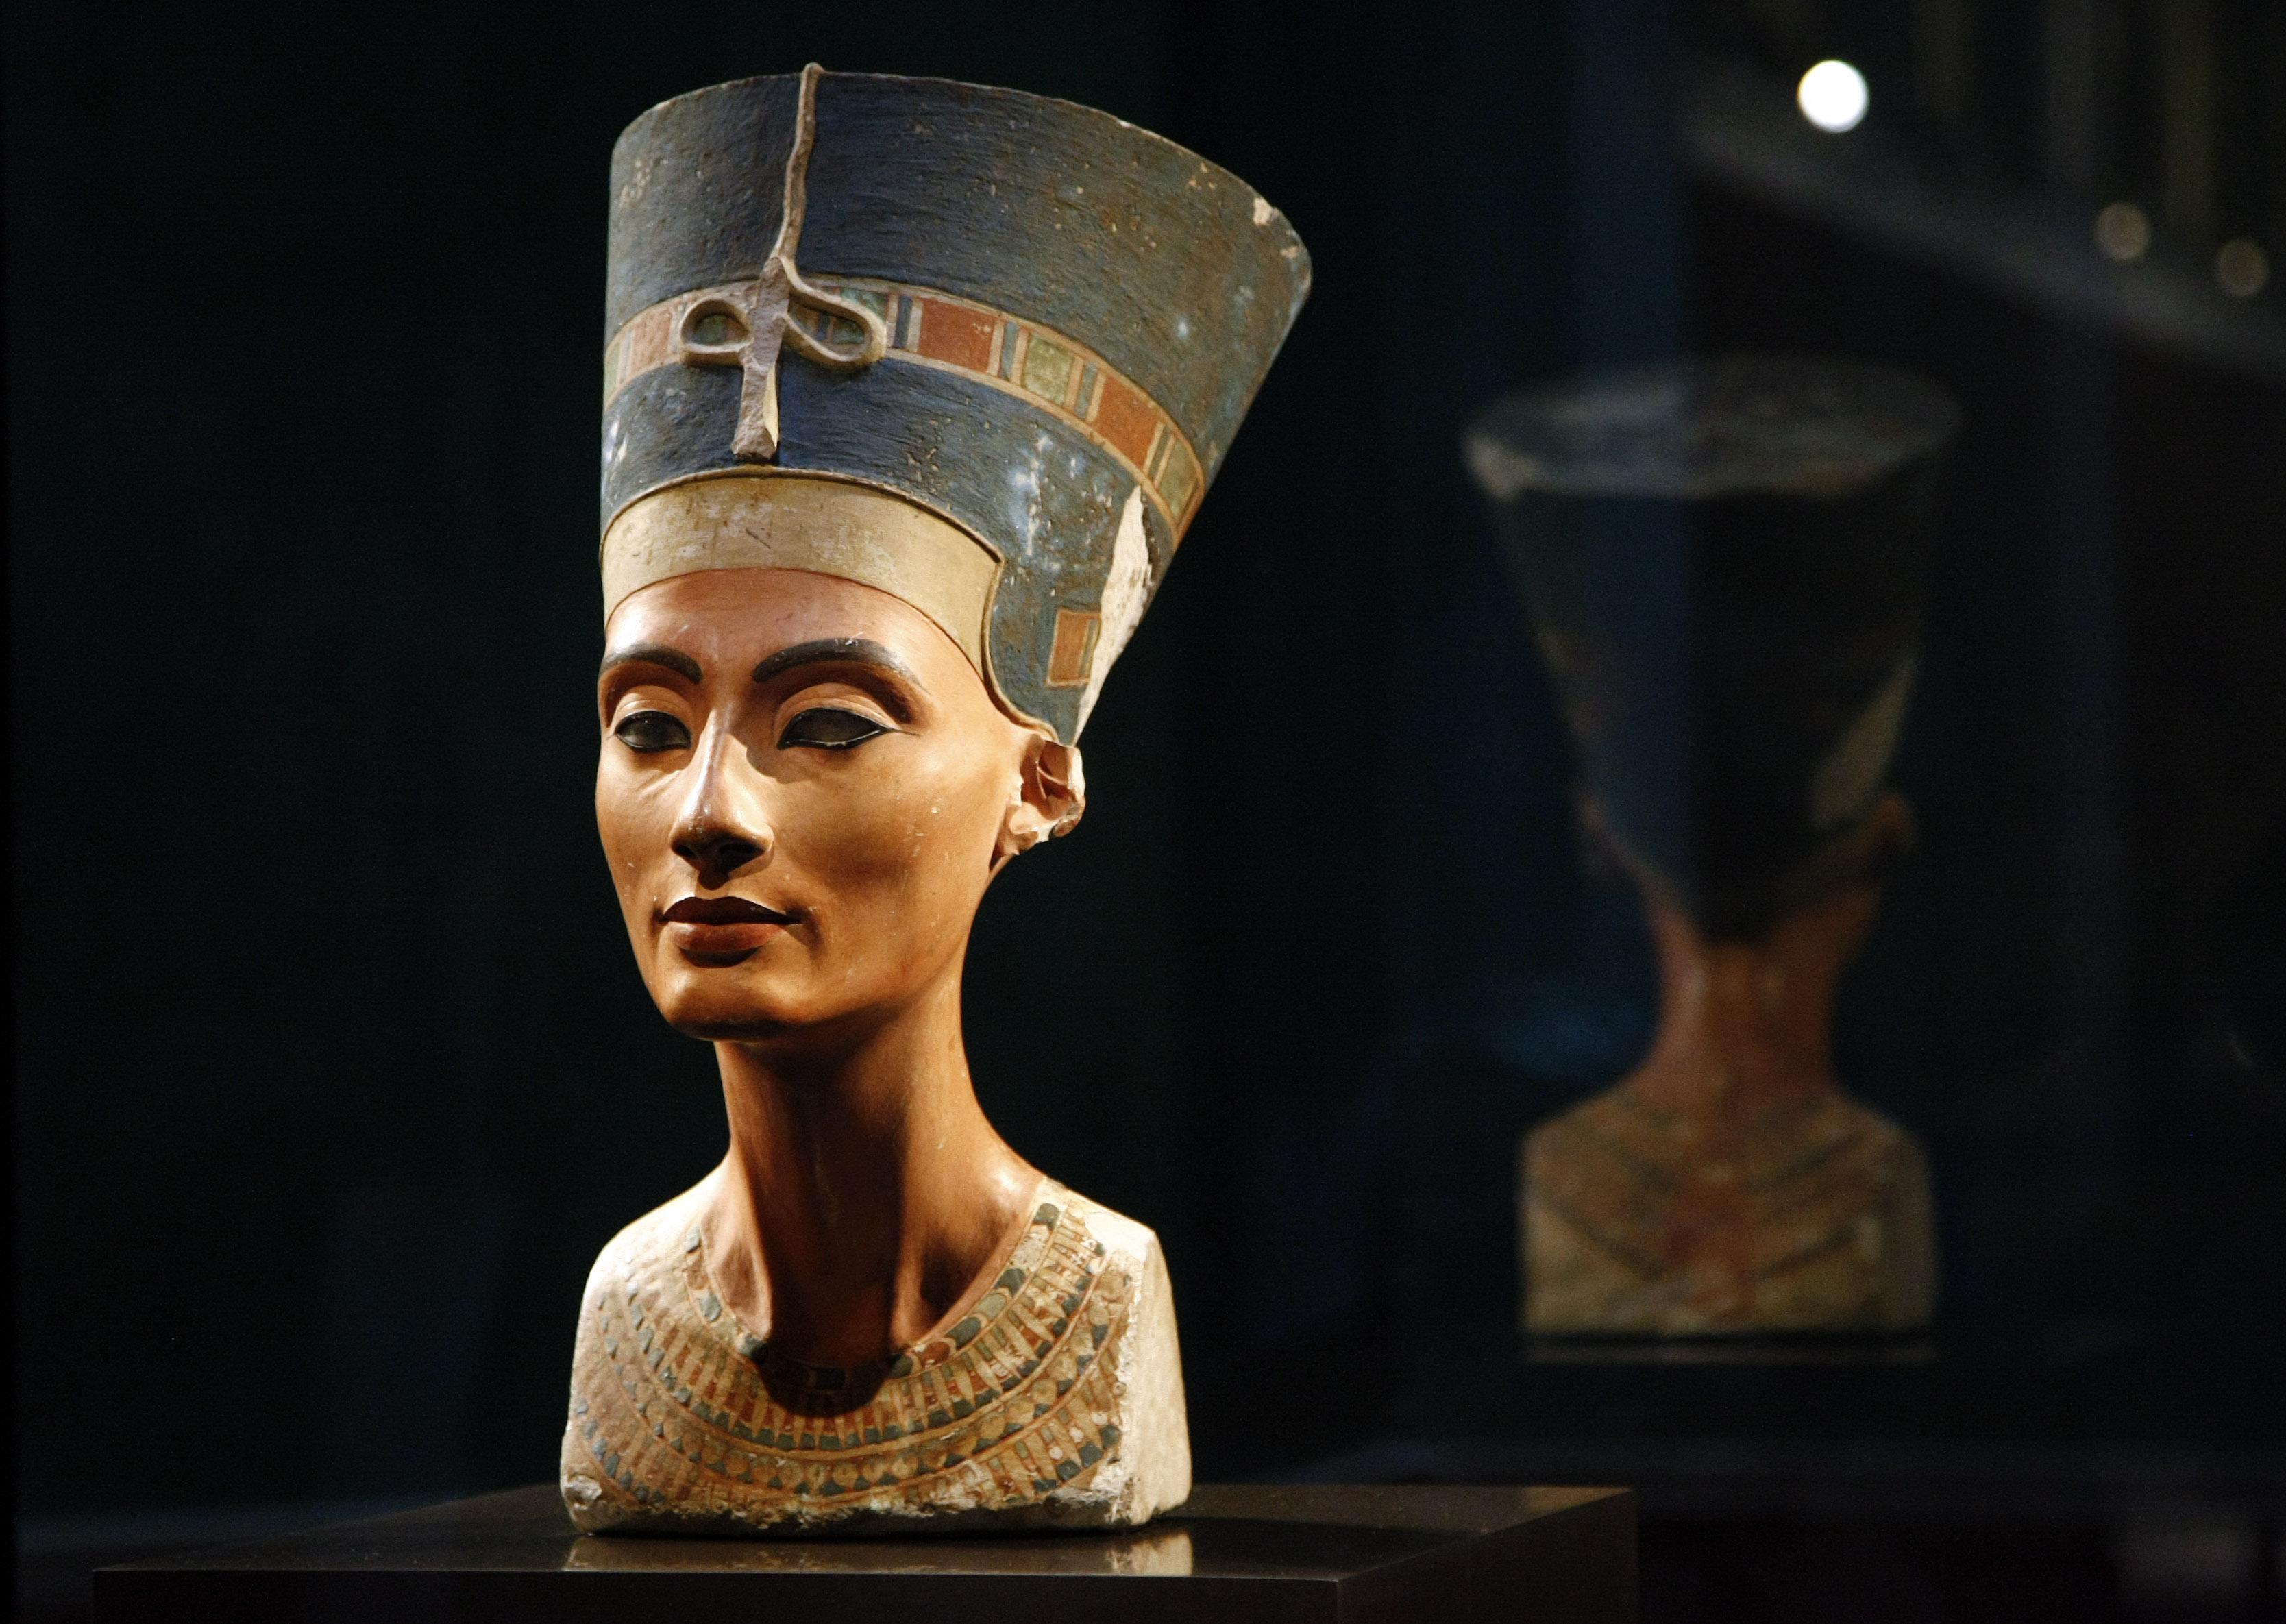 El busto de Nefertiti, exhibido en el Museo Neues de Berlín, Alemania. REUTERS/Fabrizio Bensch